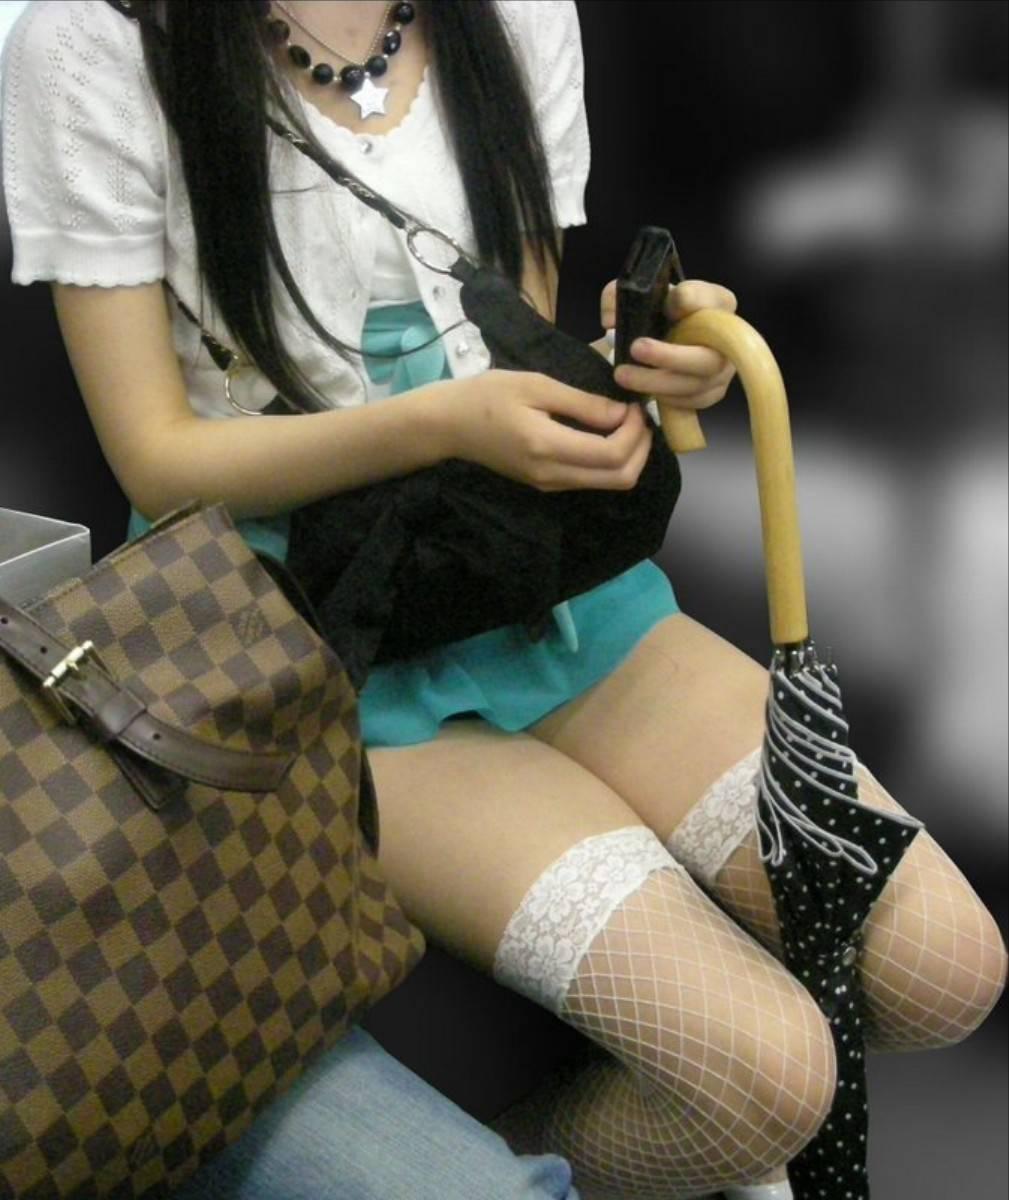 列車内で生足を曝け出すシロウト小娘がえろ過ぎてサラリーマン歓喜wwwwwwwwwwwwwwww(写真あり)